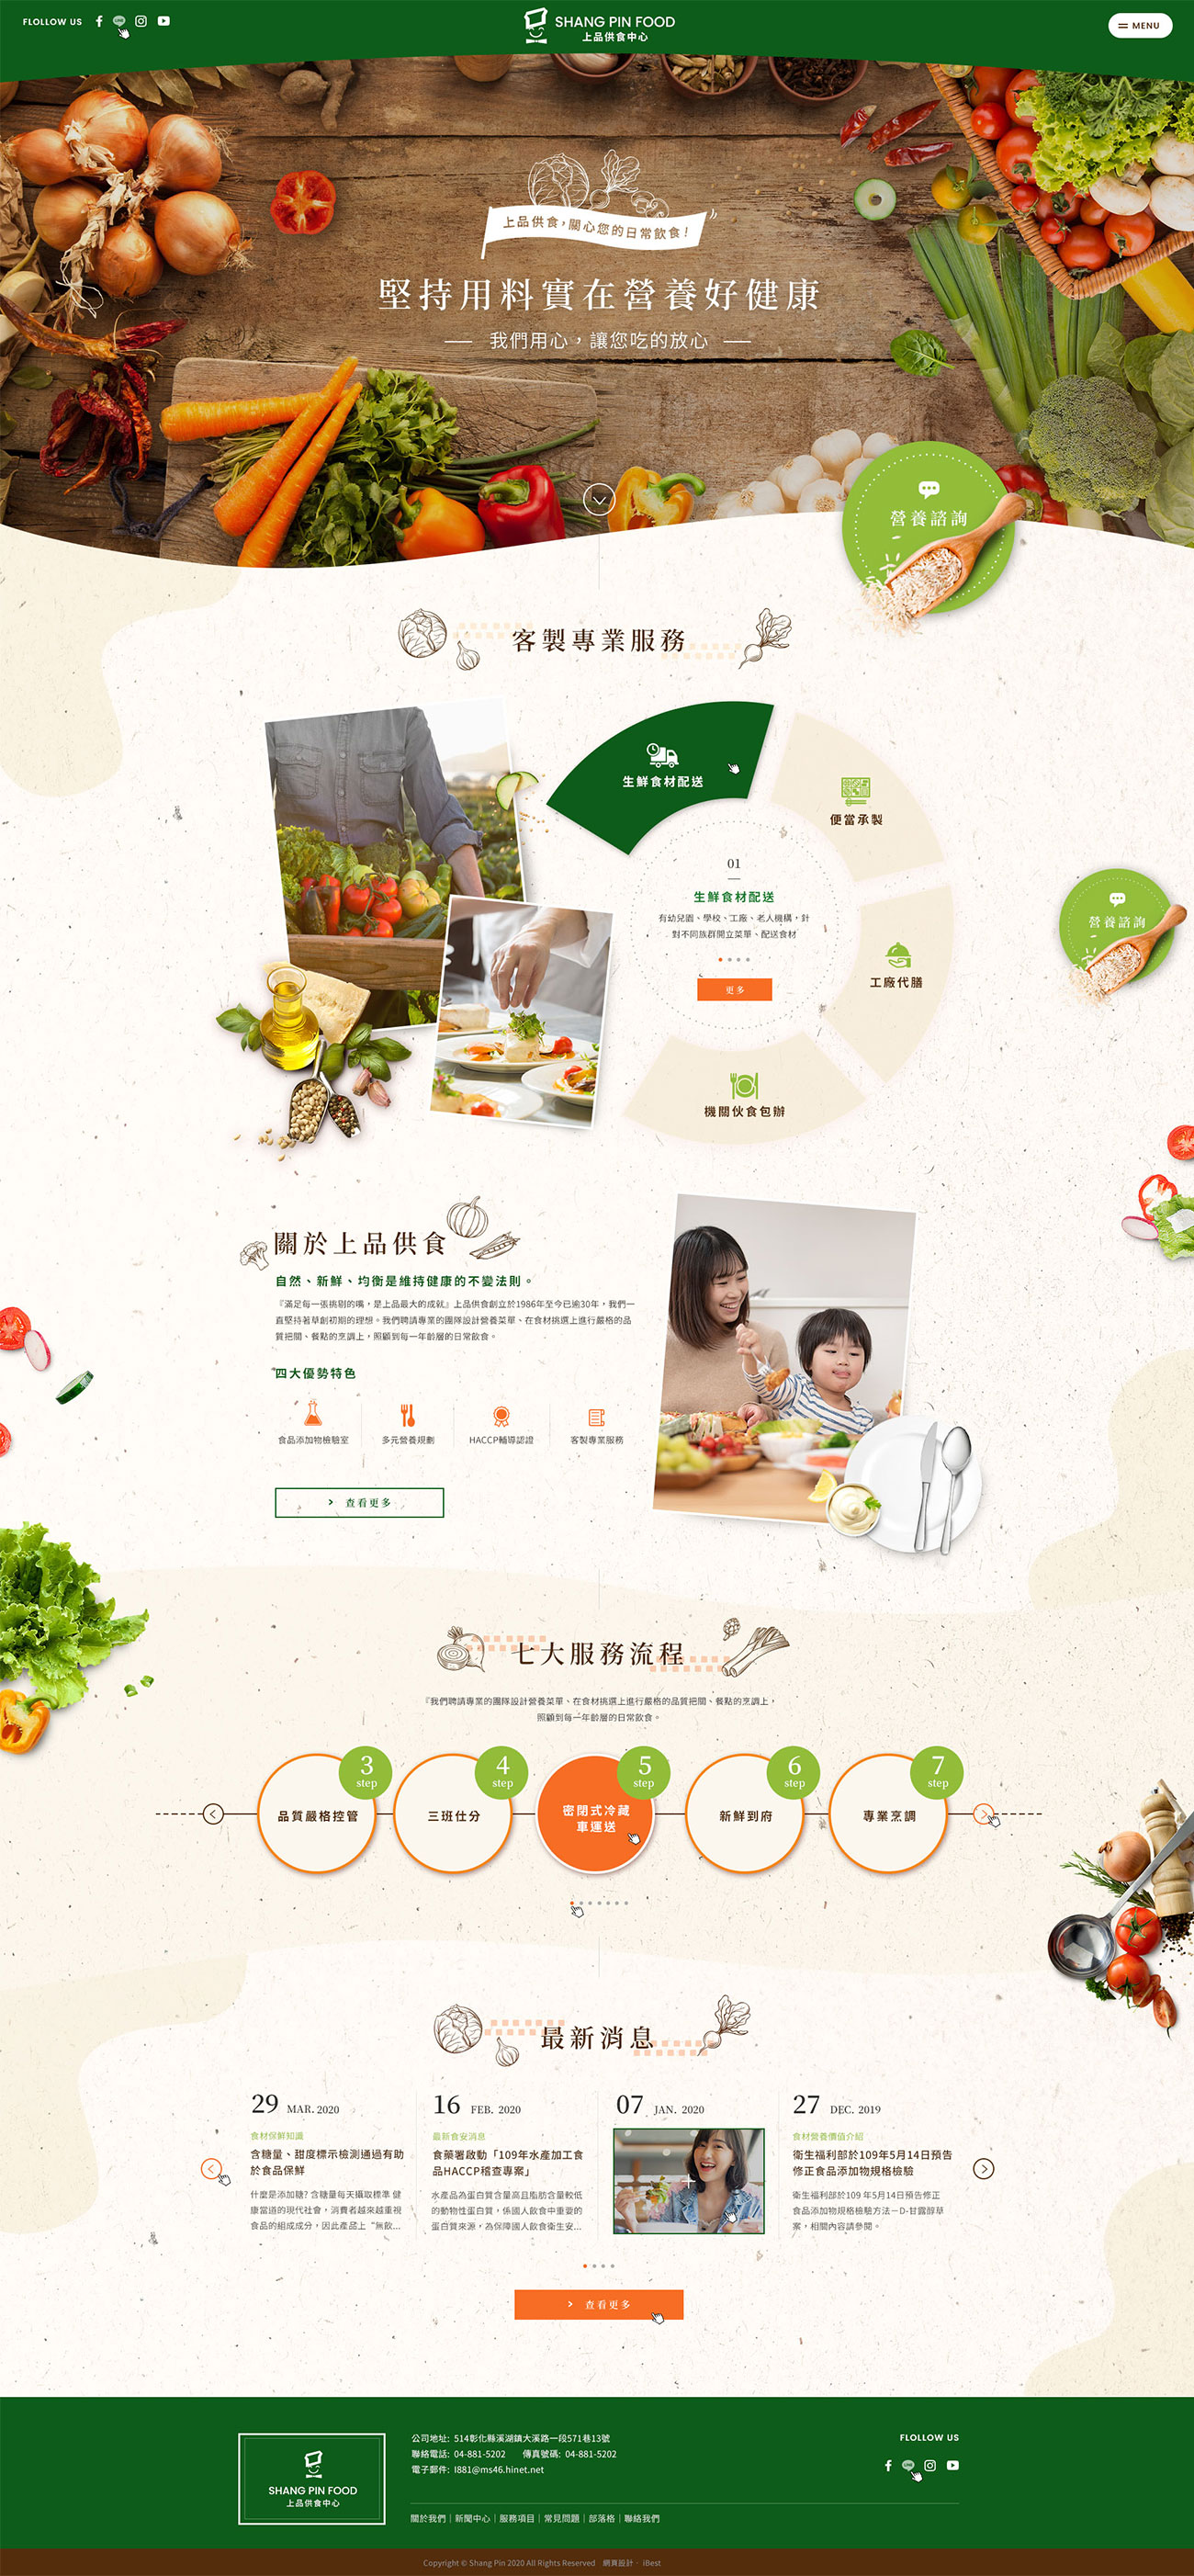 上品供食中心-網頁設計